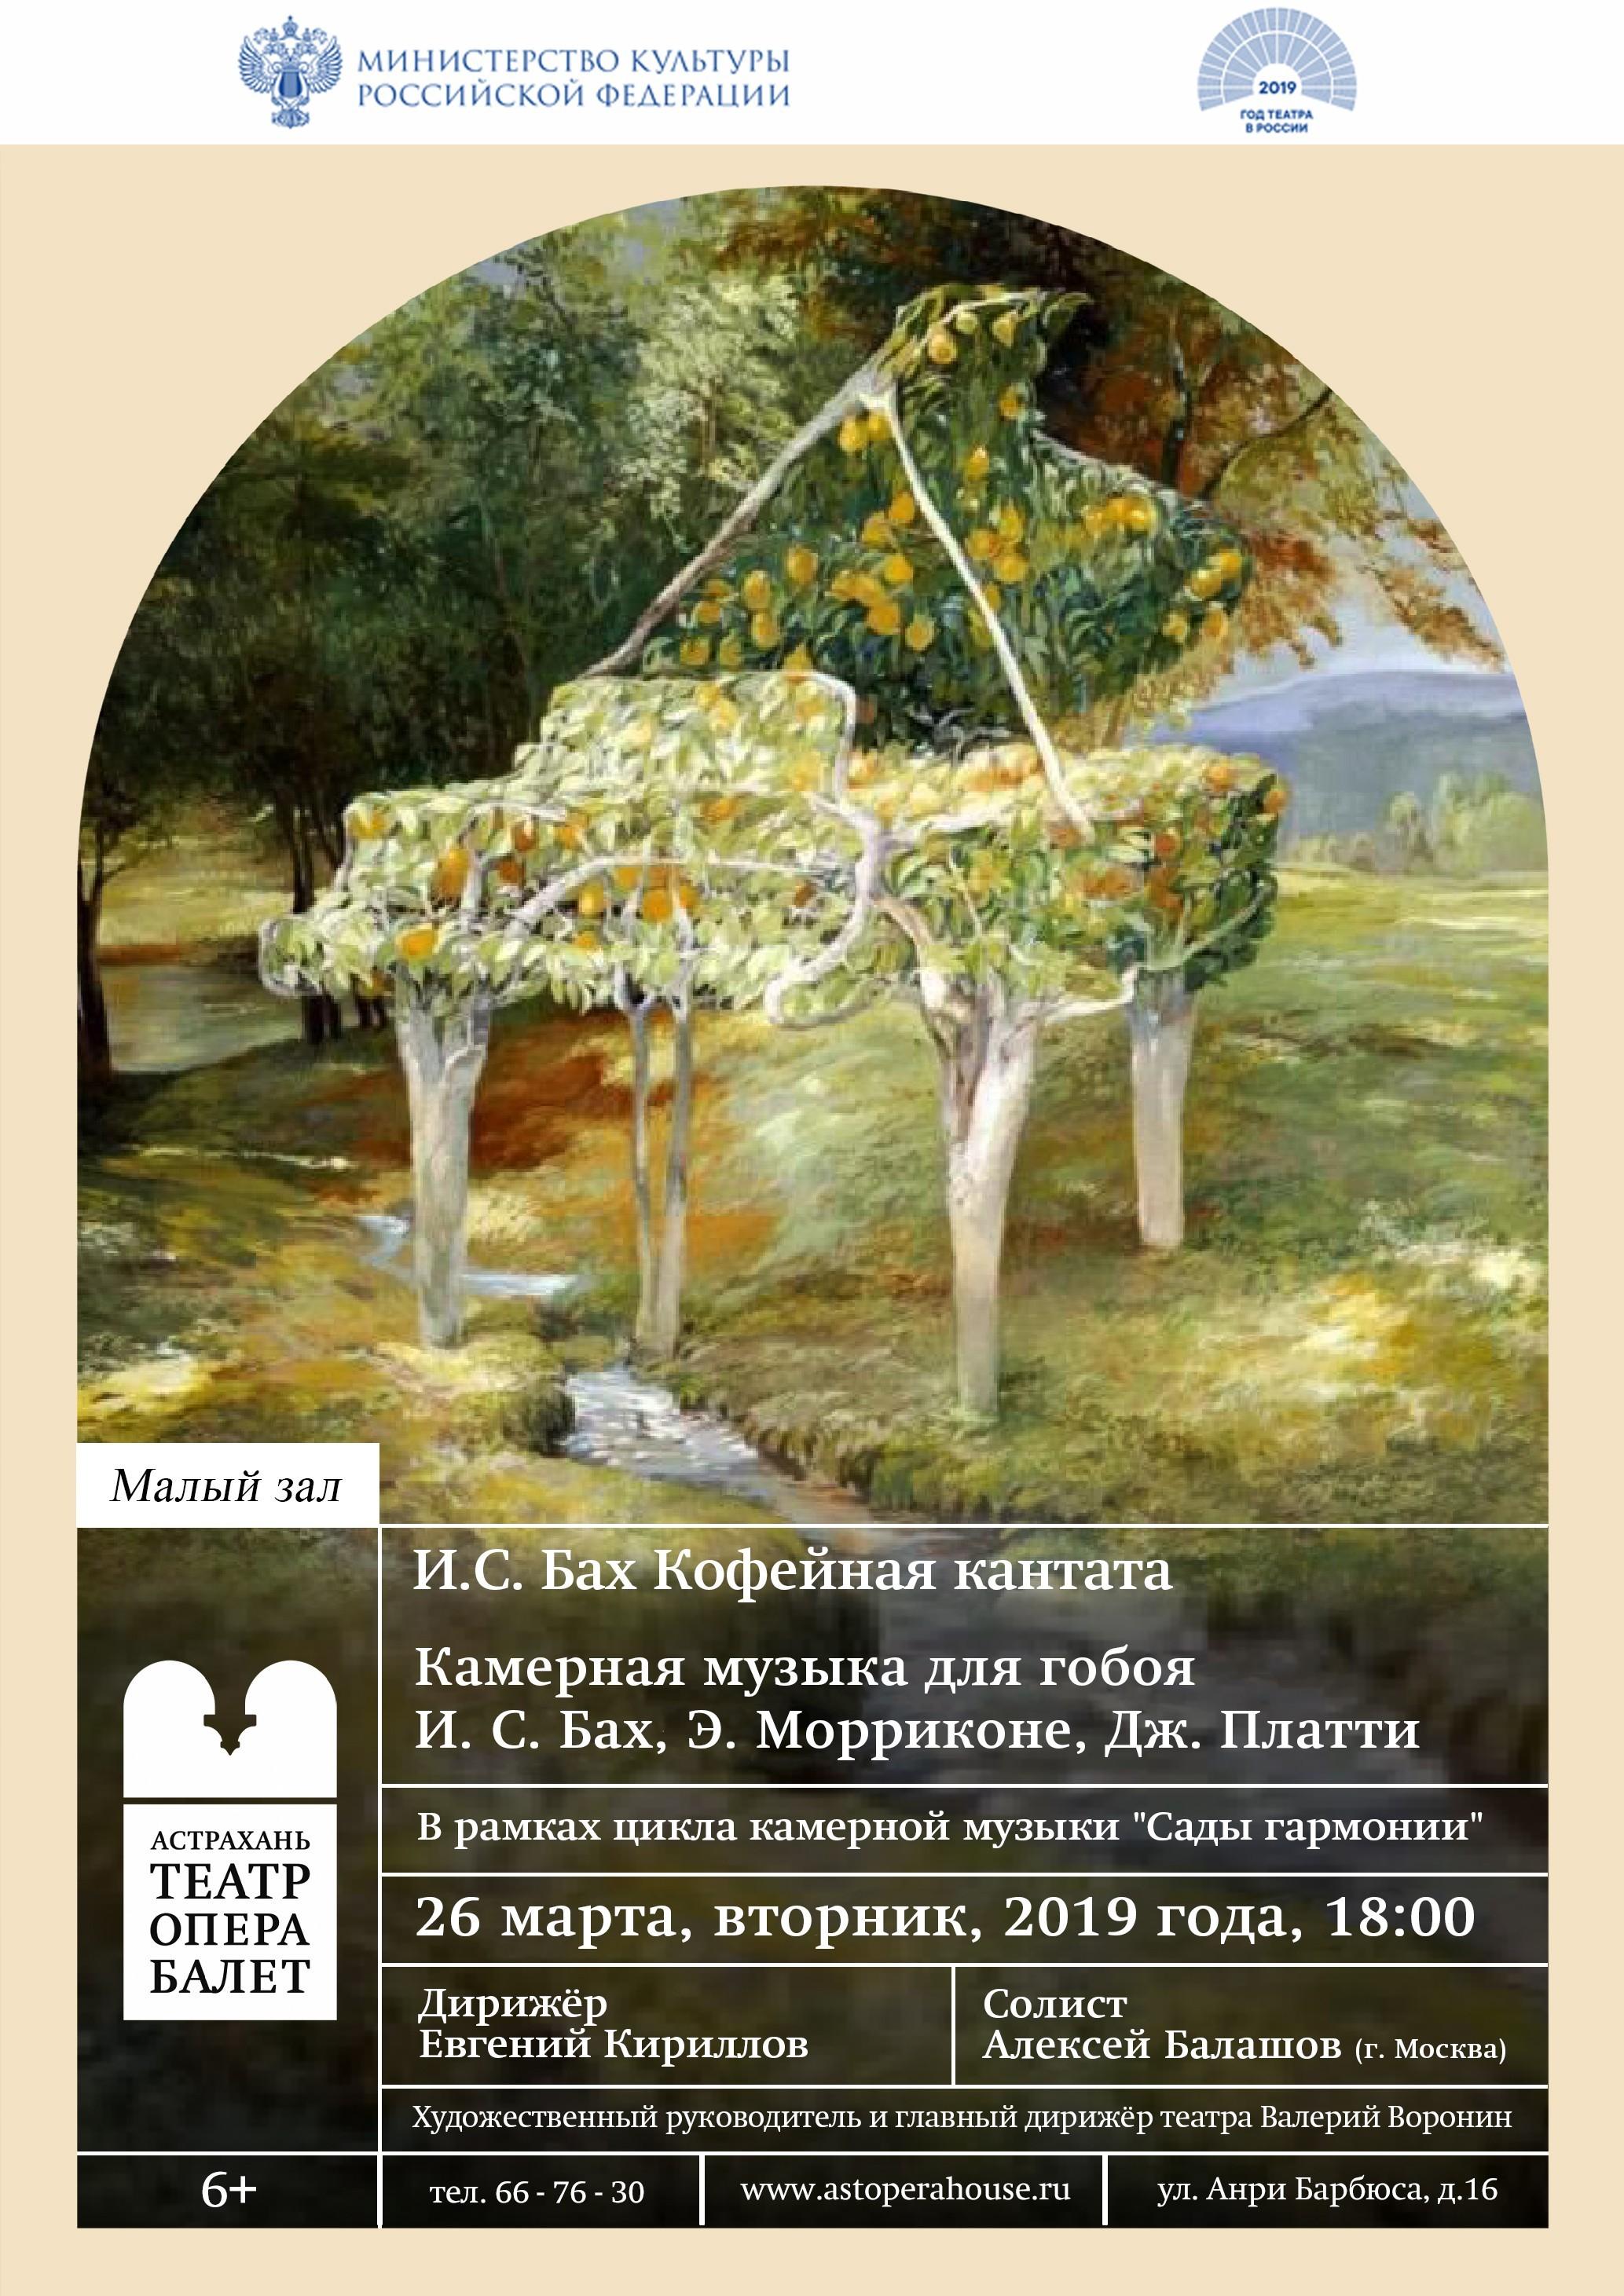 Астраханский театр Оперы и Балета продолжает цикл концертов камерной музыки «Сады гармонии»